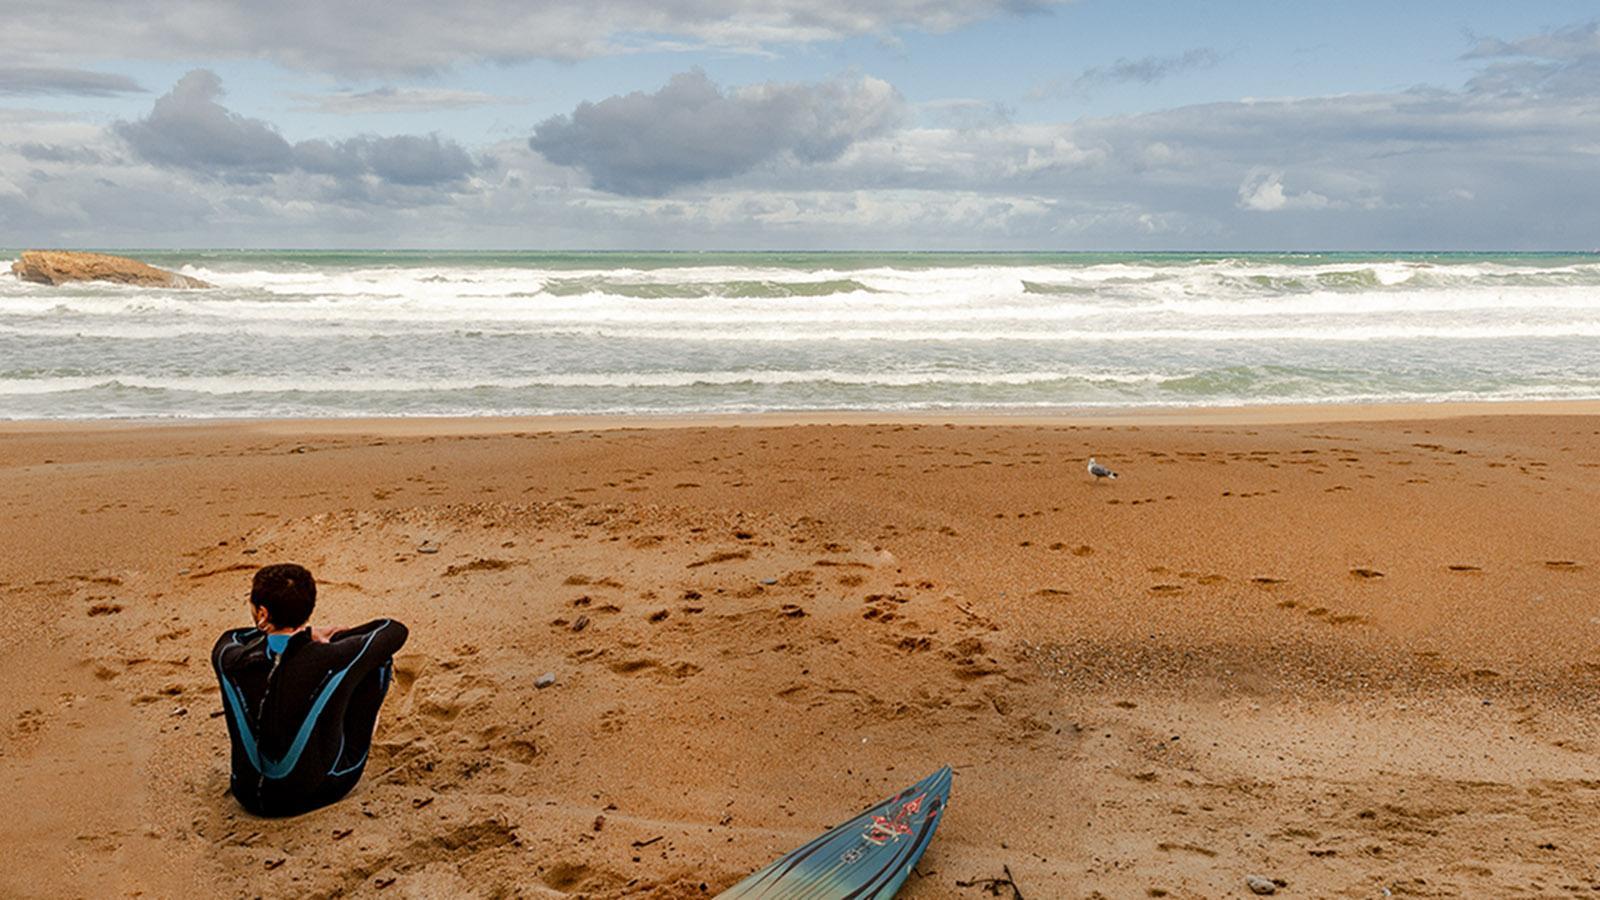 Crampottes. Surferin an der Grande Plage von Biarritz. Foto: Hilke Maunder